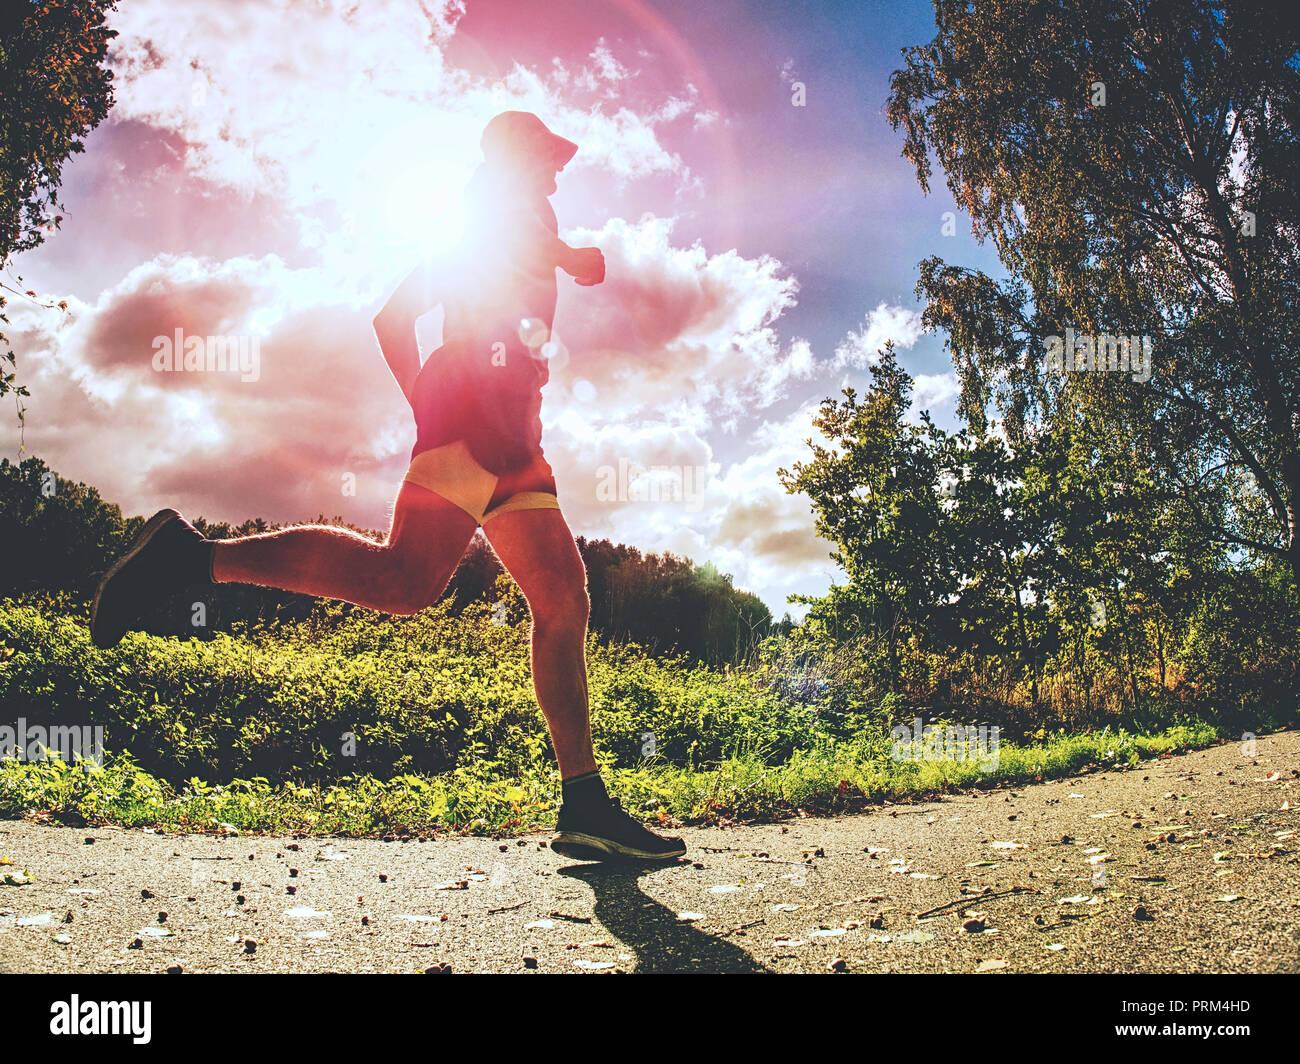 Haut de jogging homme sport dans les arbres d'ombre avec la lumière du soleil derrière lui tout en portant un short noir jaune et bleu tenue de jogging Banque D'Images